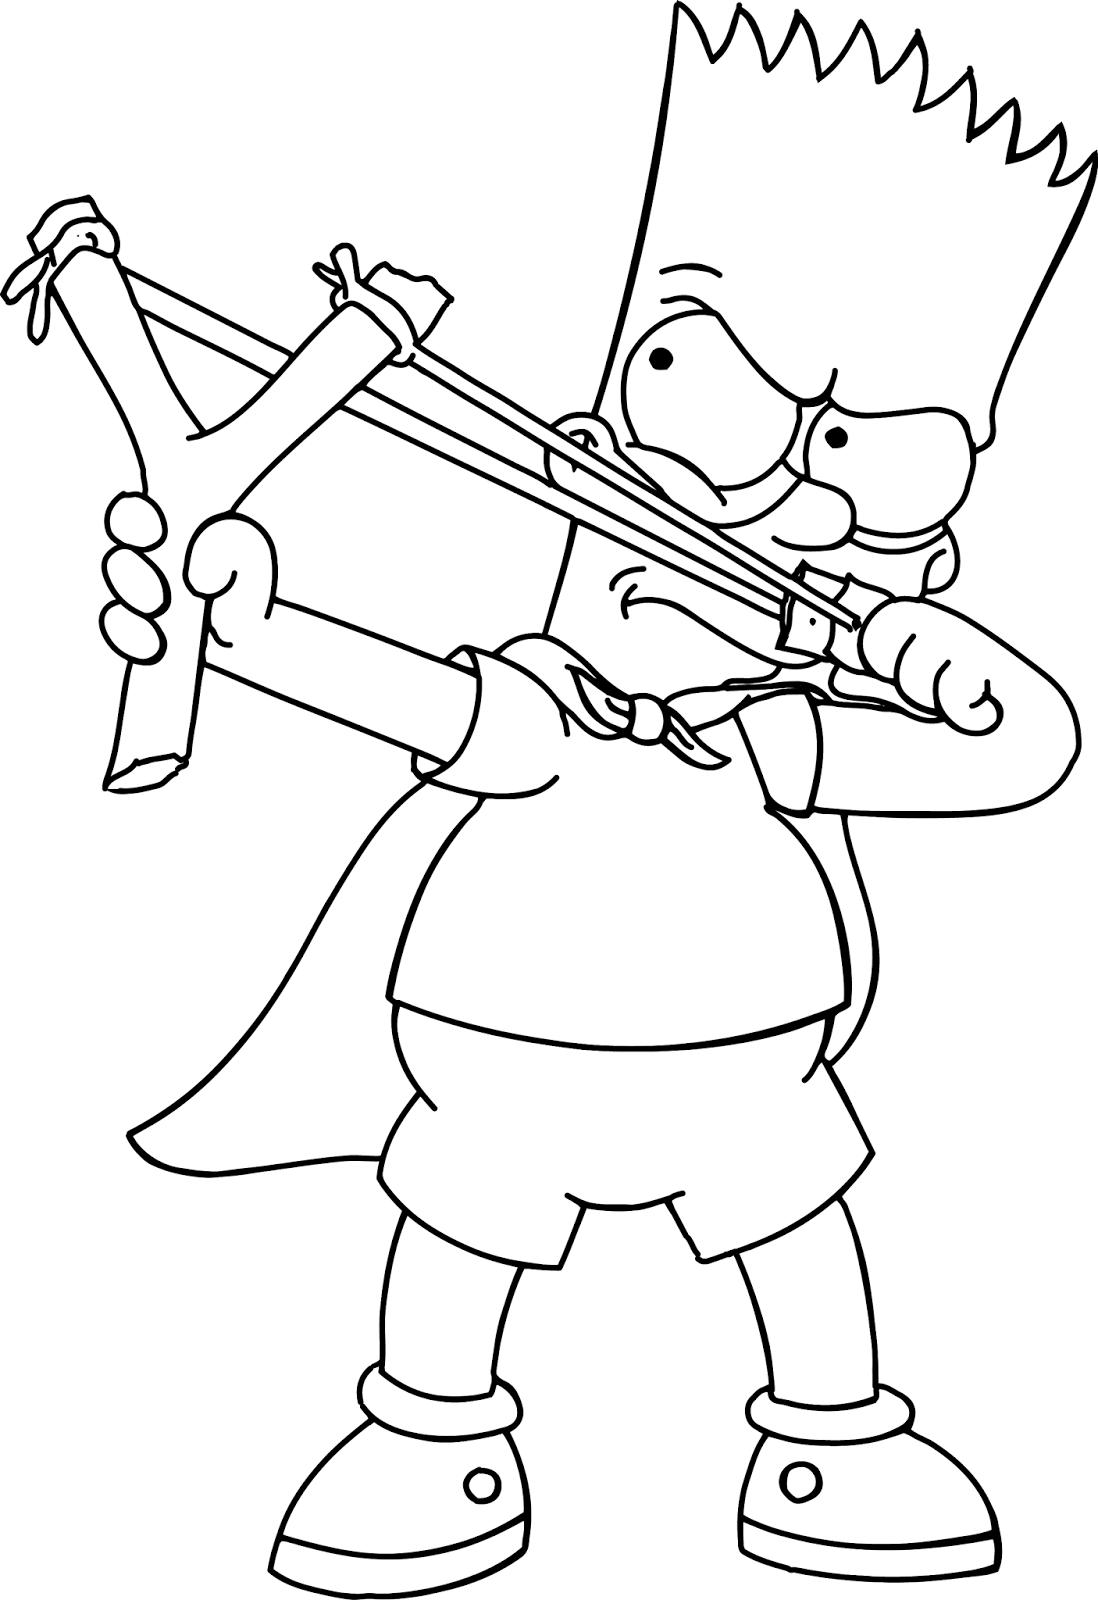 Desenho De Peixe Do Bart Simpson Para Colorir